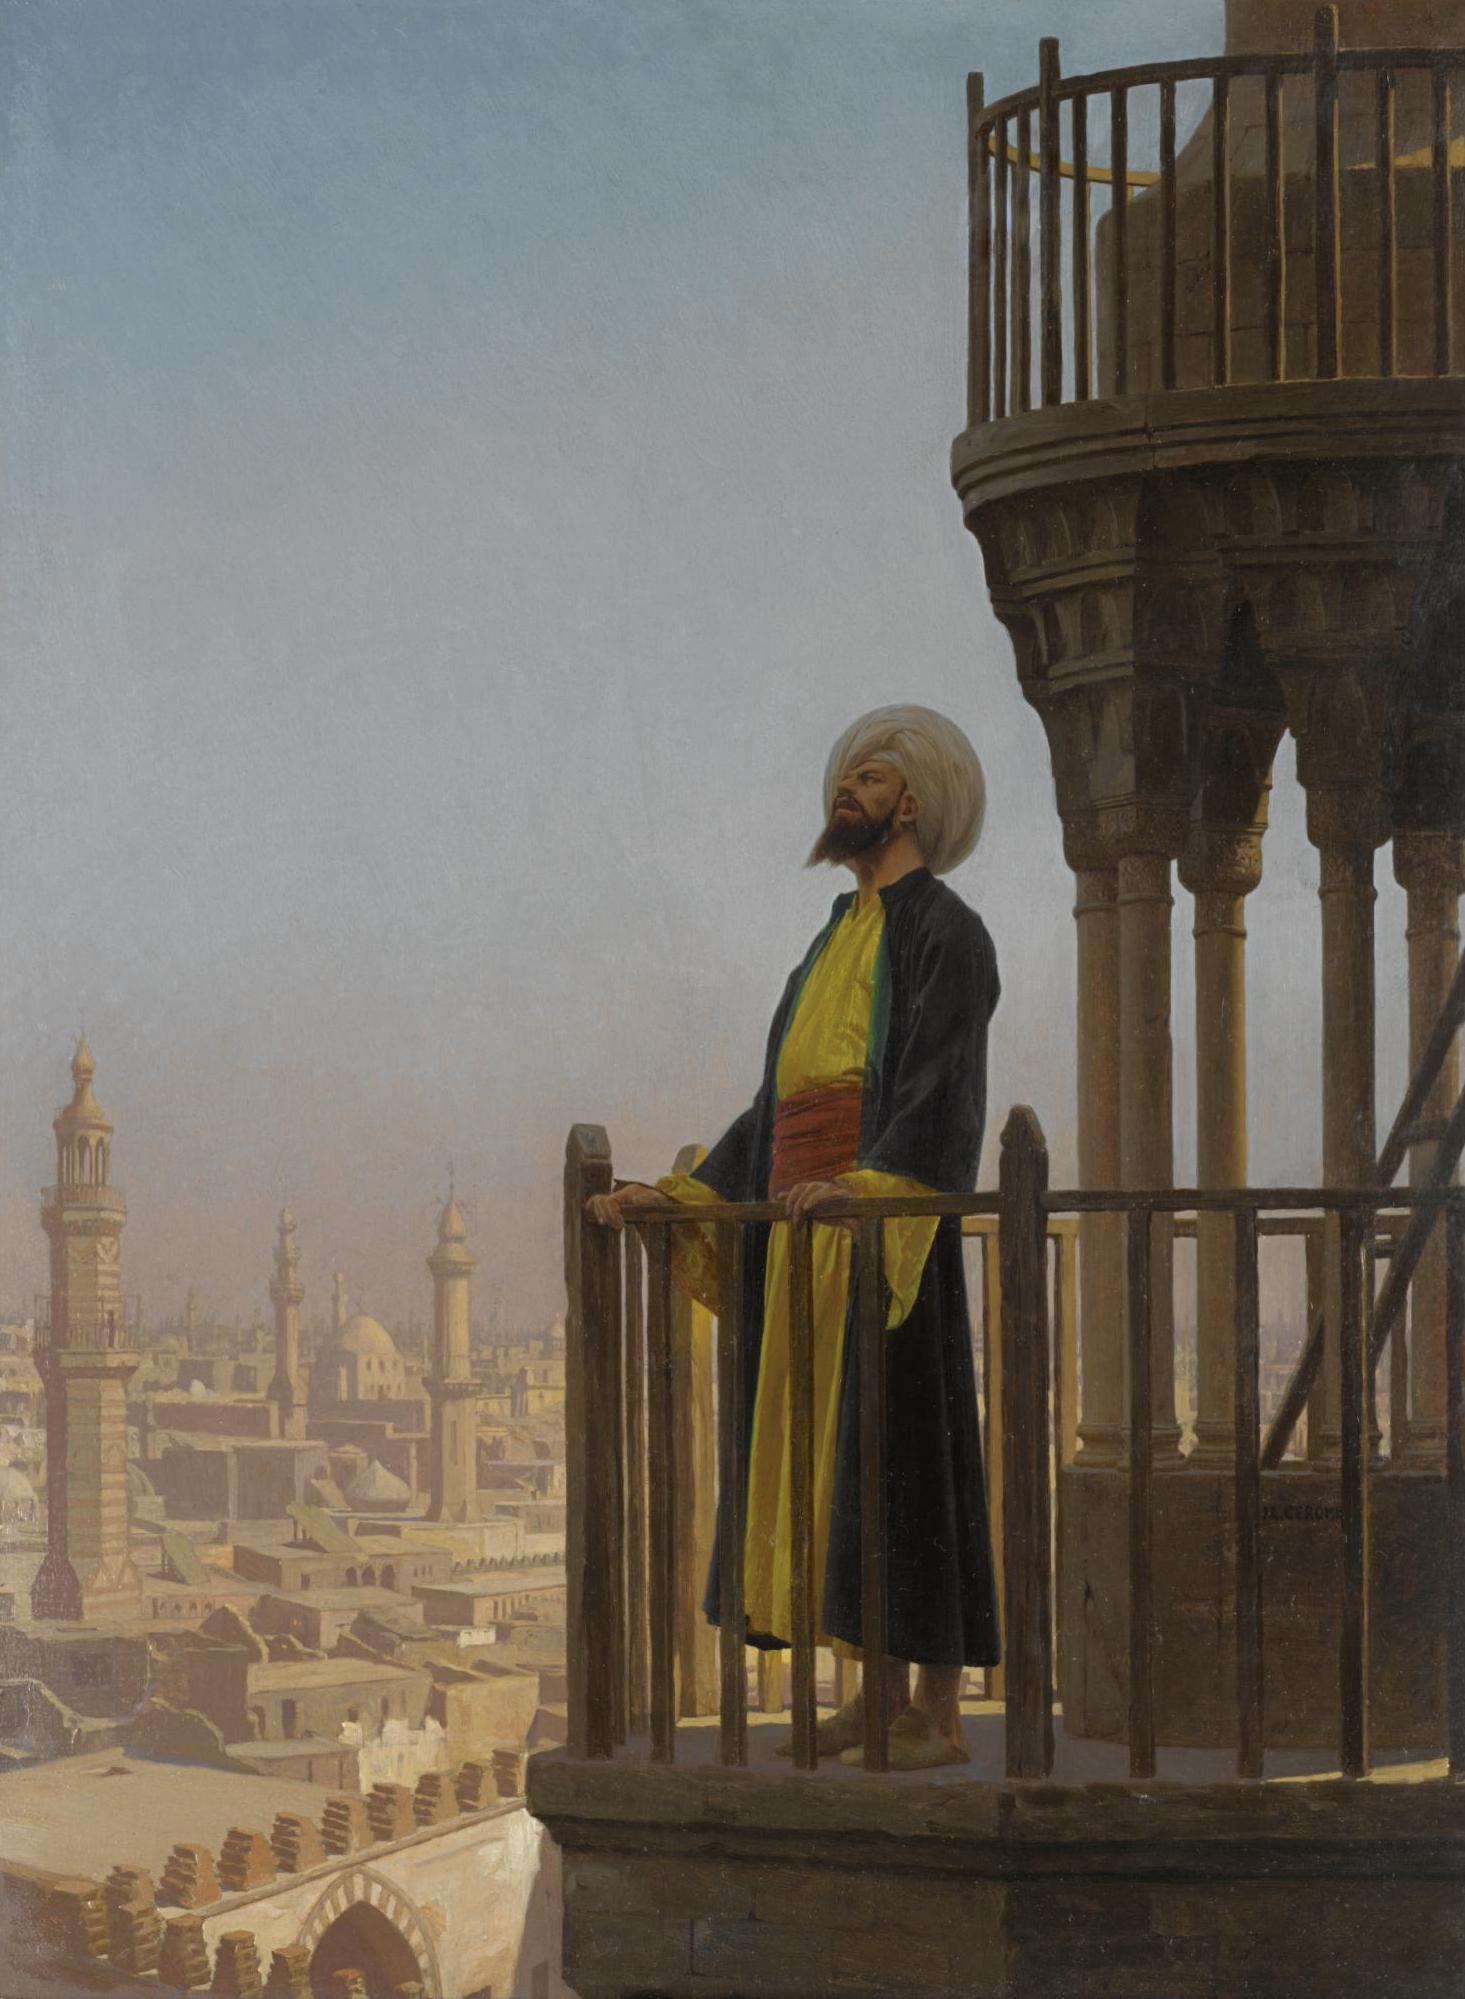 فن تشكيلي, رسم, فرنسا, القاهرة